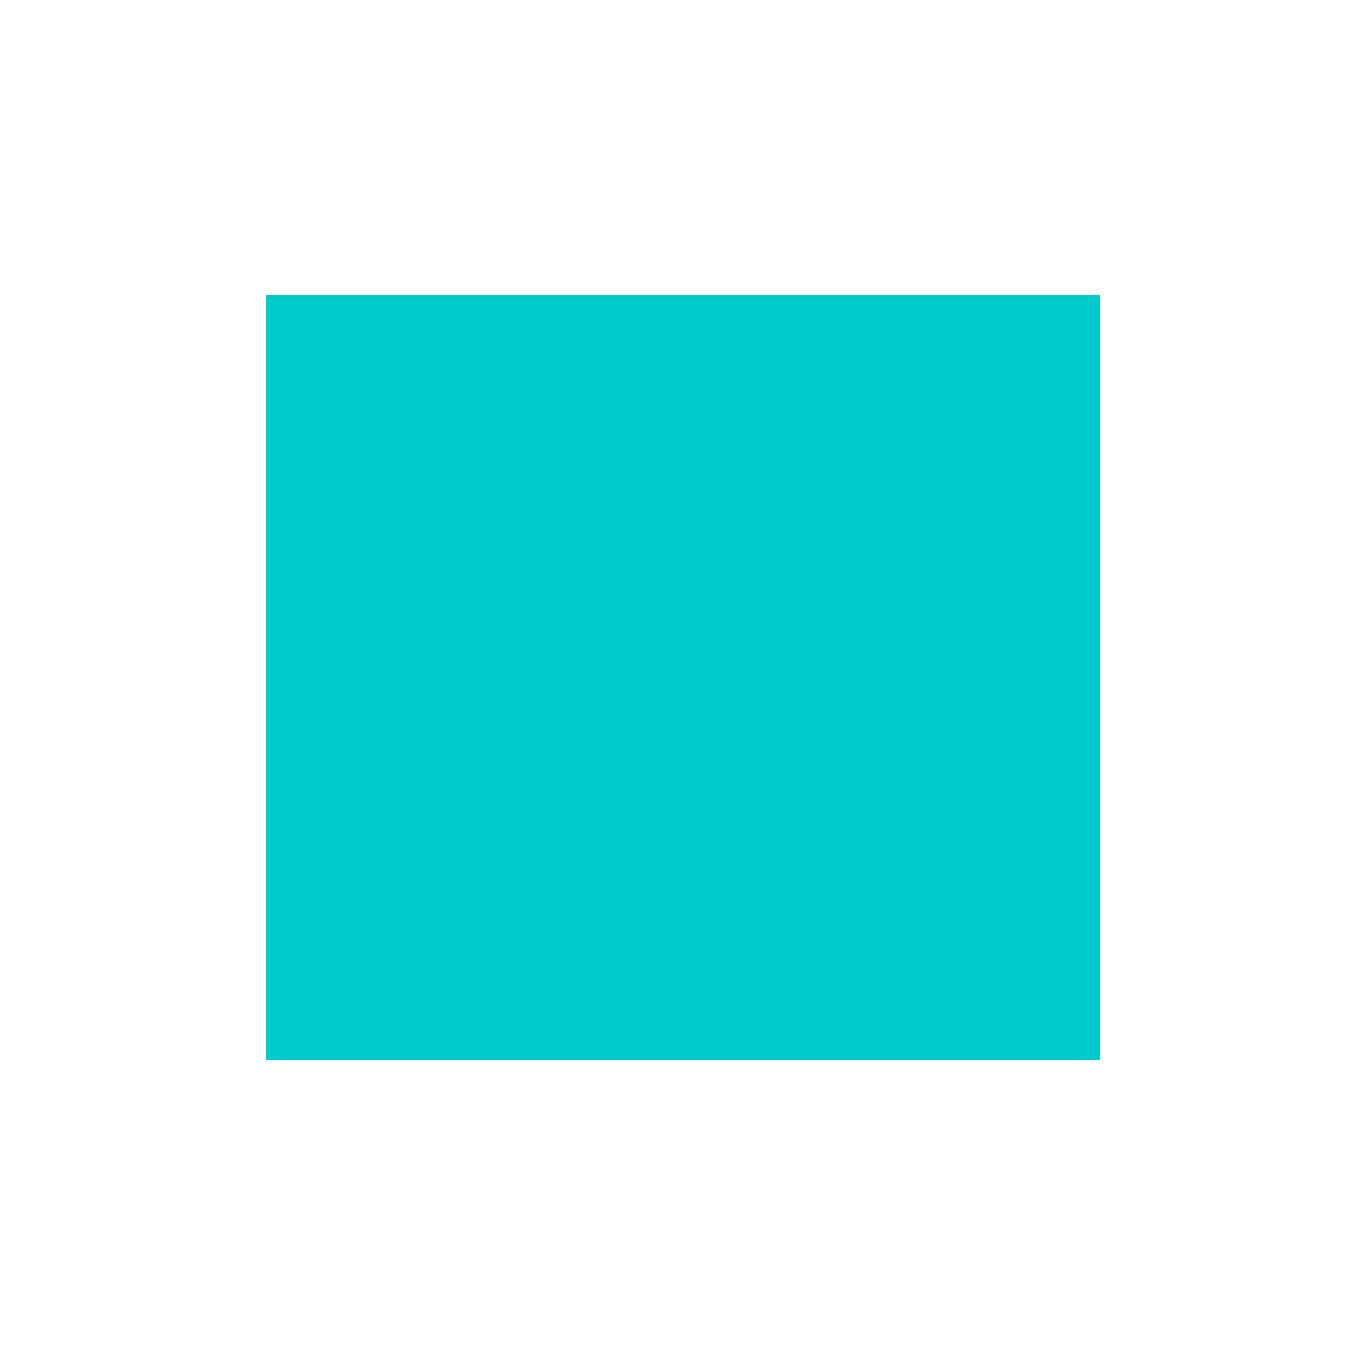 Maeker